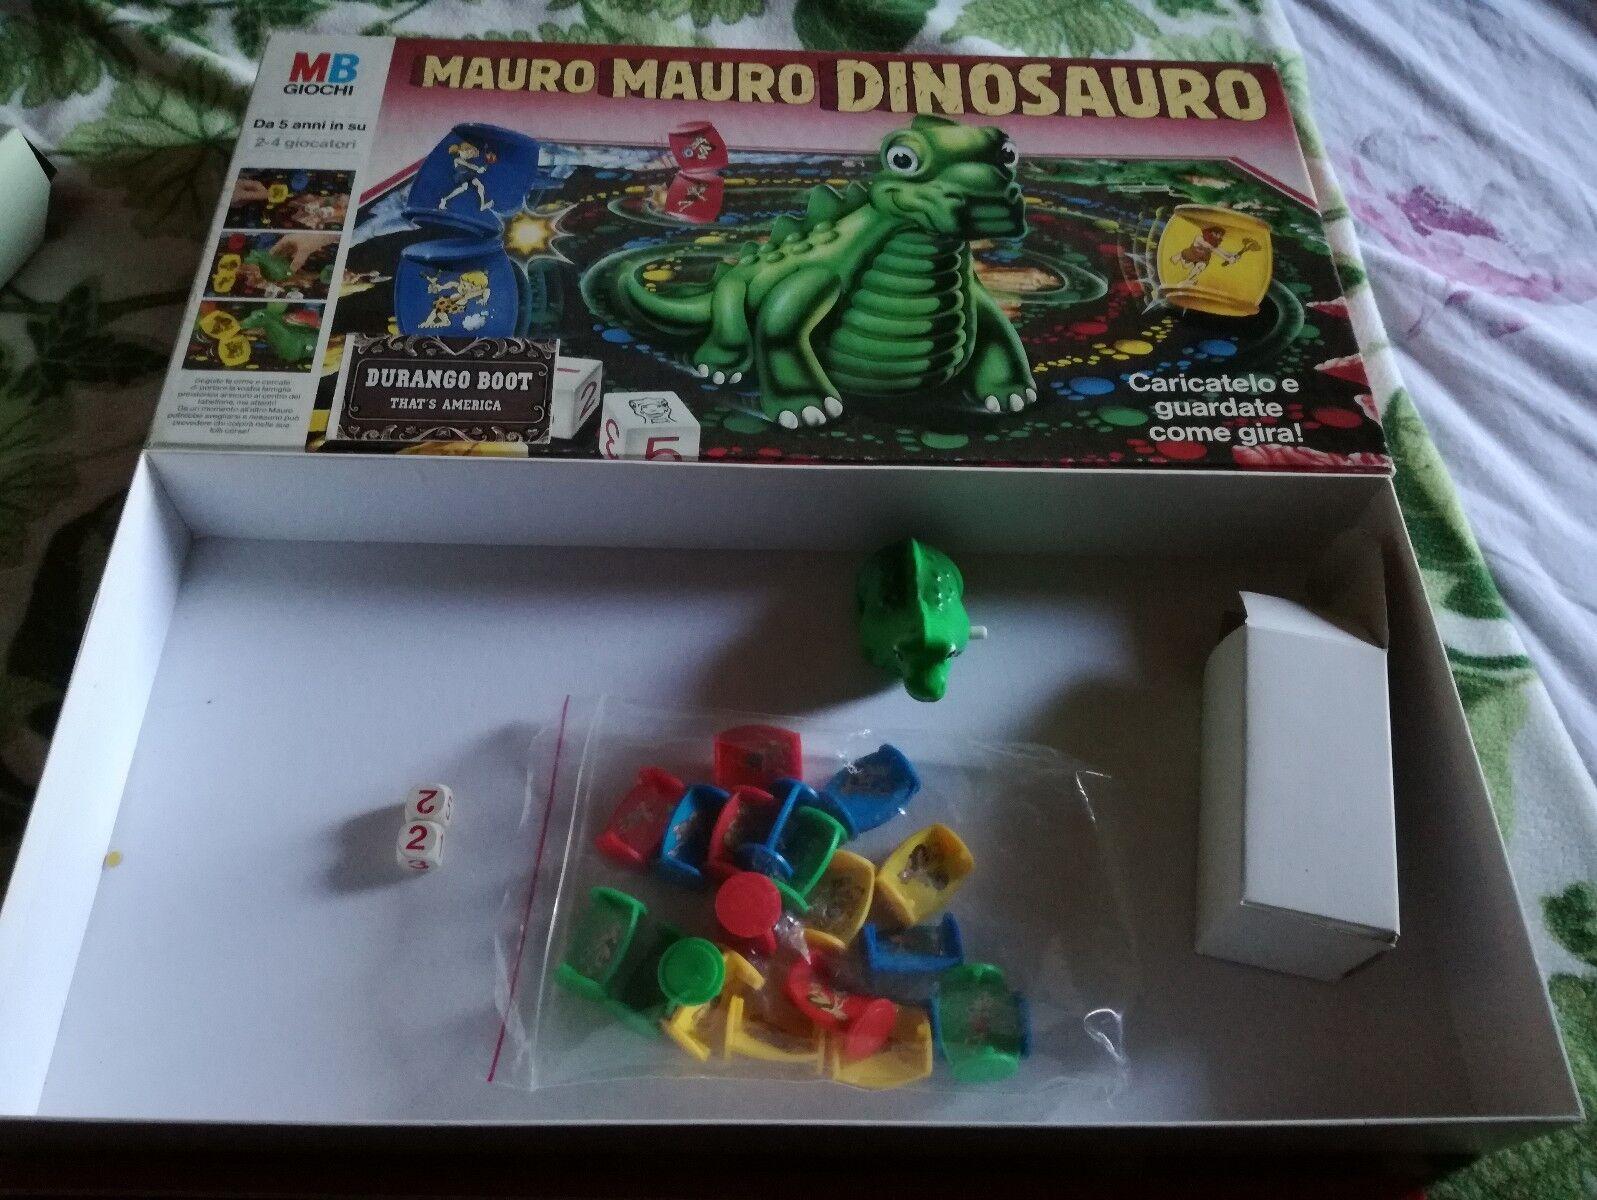 Gioco Da Tavolo Mauro Mauro Dinosauro